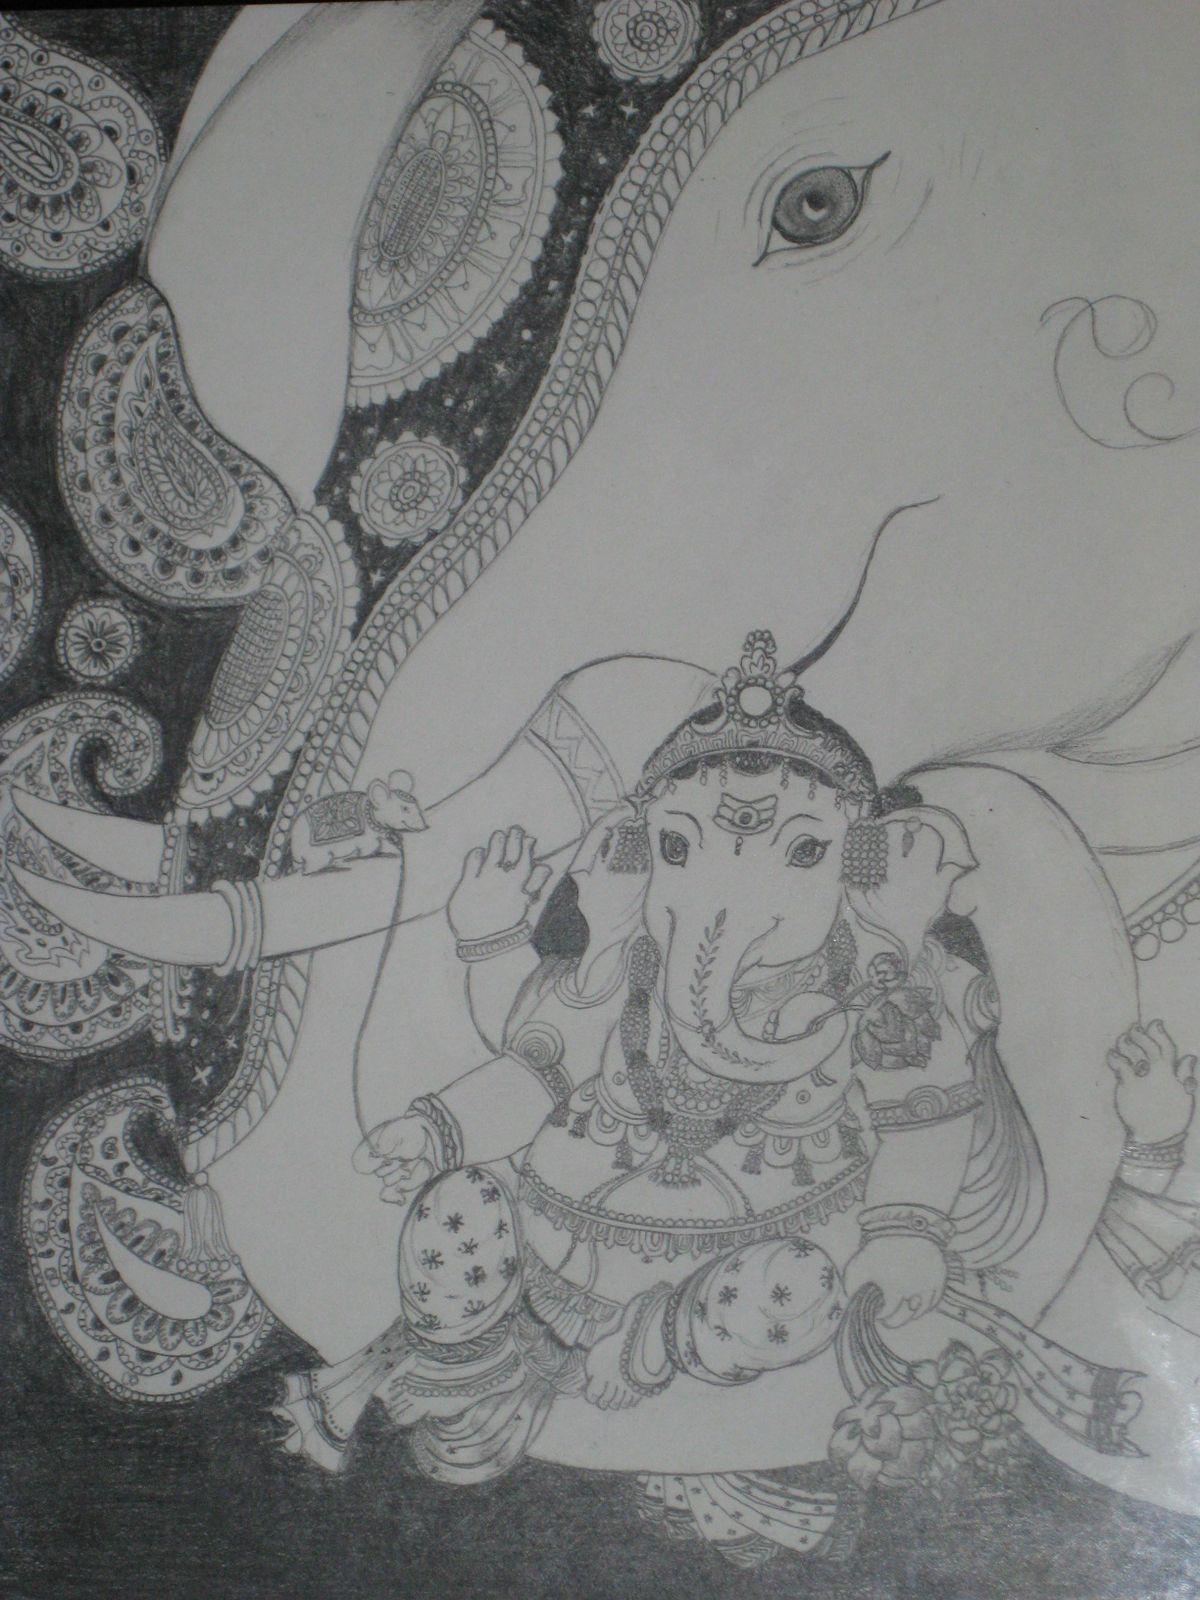 Vinayagar pencil sketch